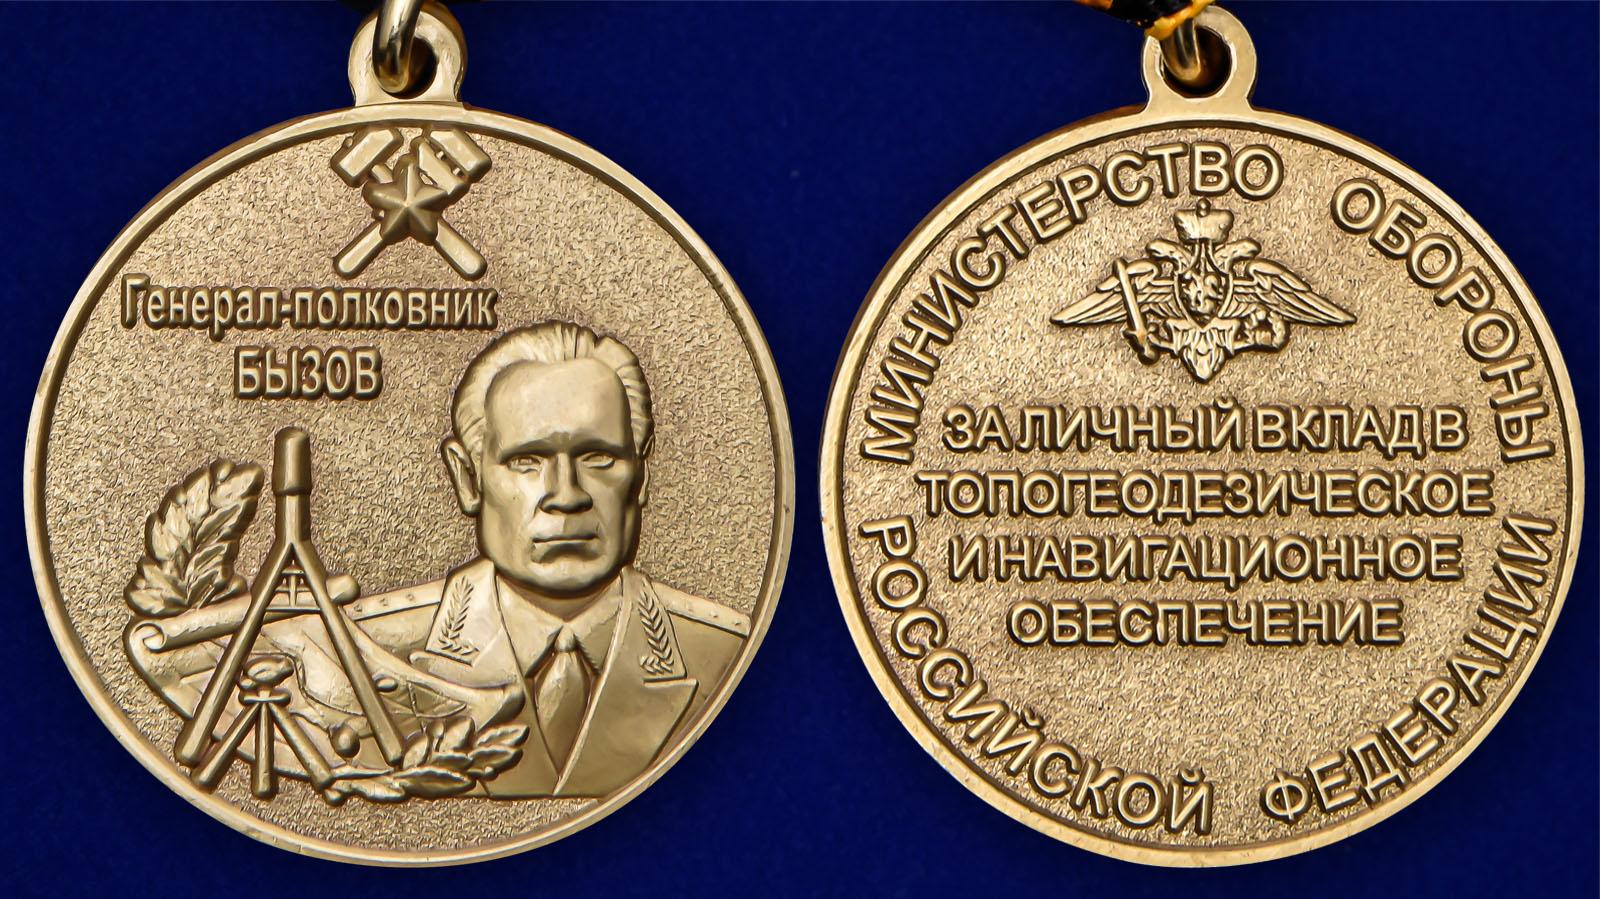 Латунная медаль Генерал-полковник Бызов МО РФ - аверс и реверс